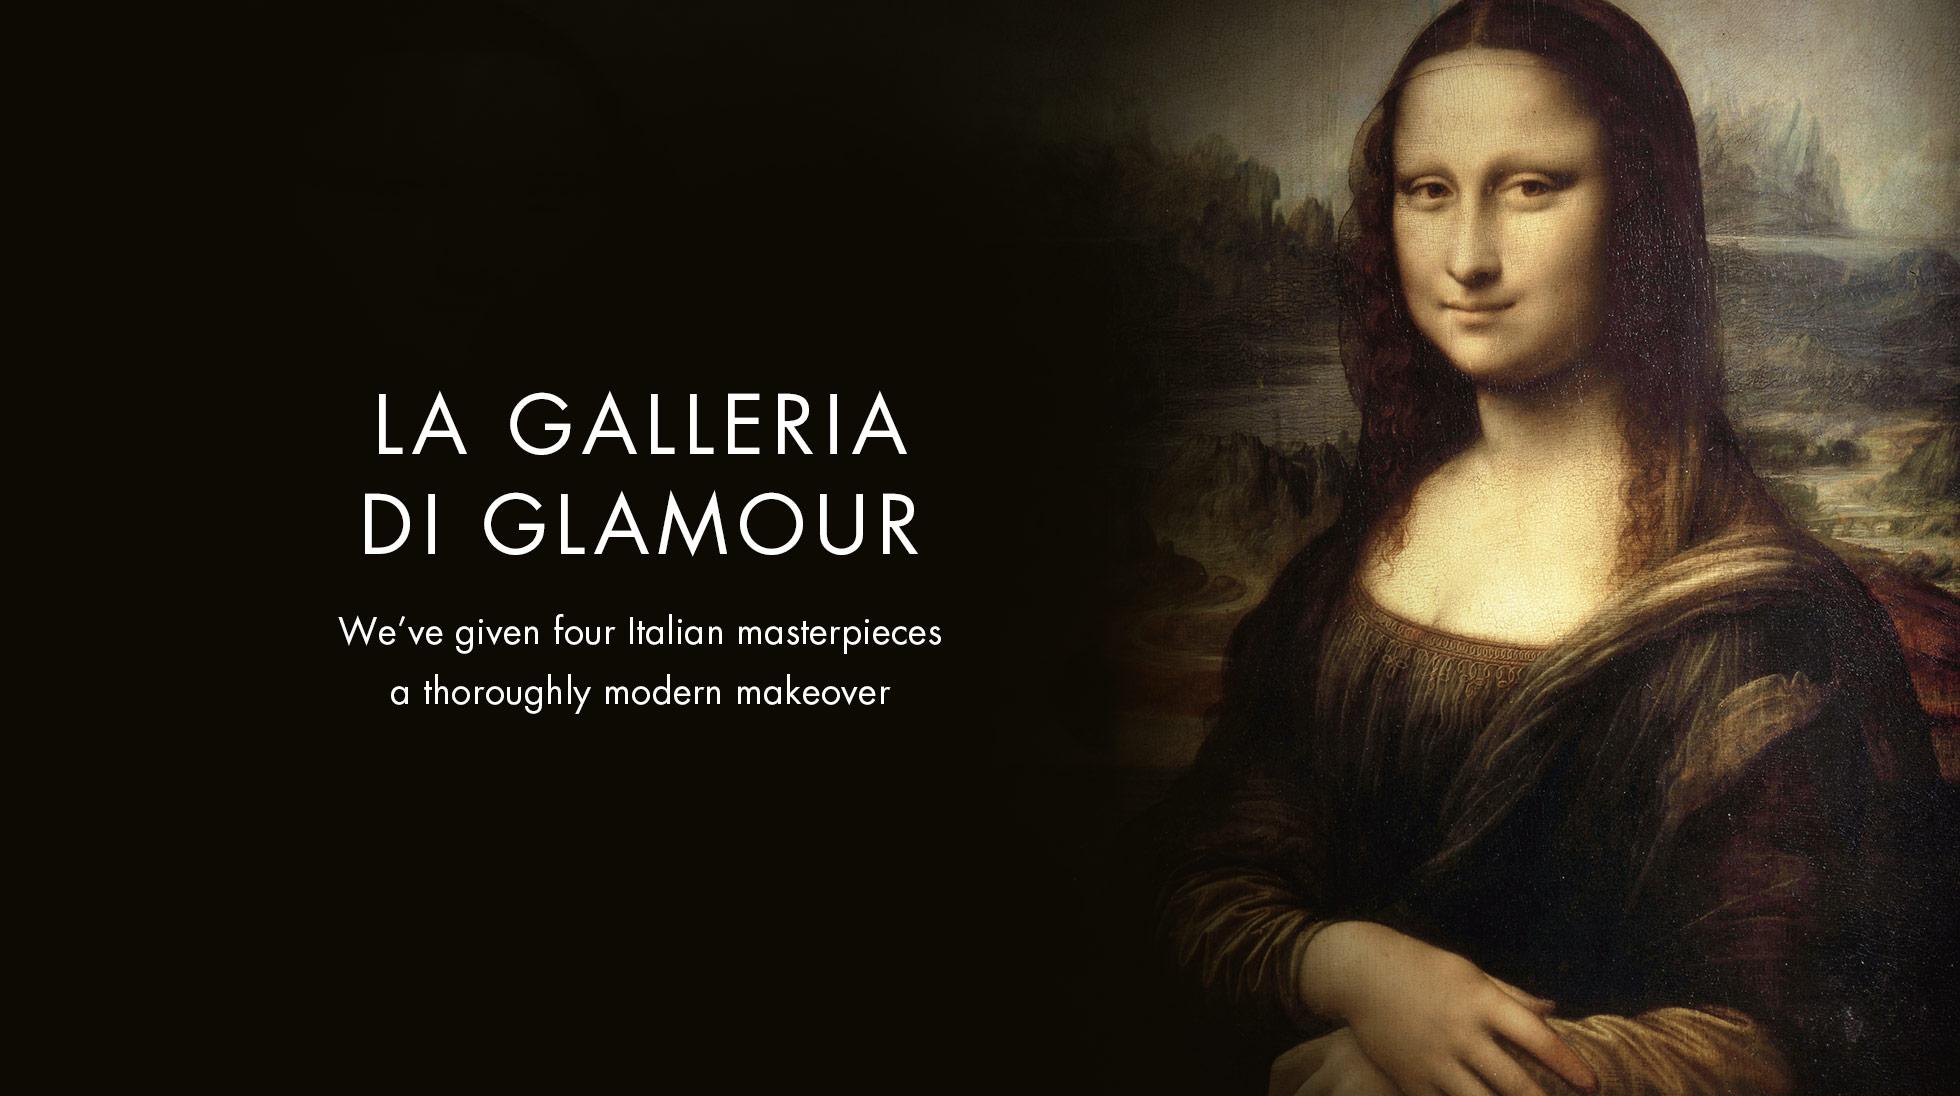 La Galleria Di Glamour